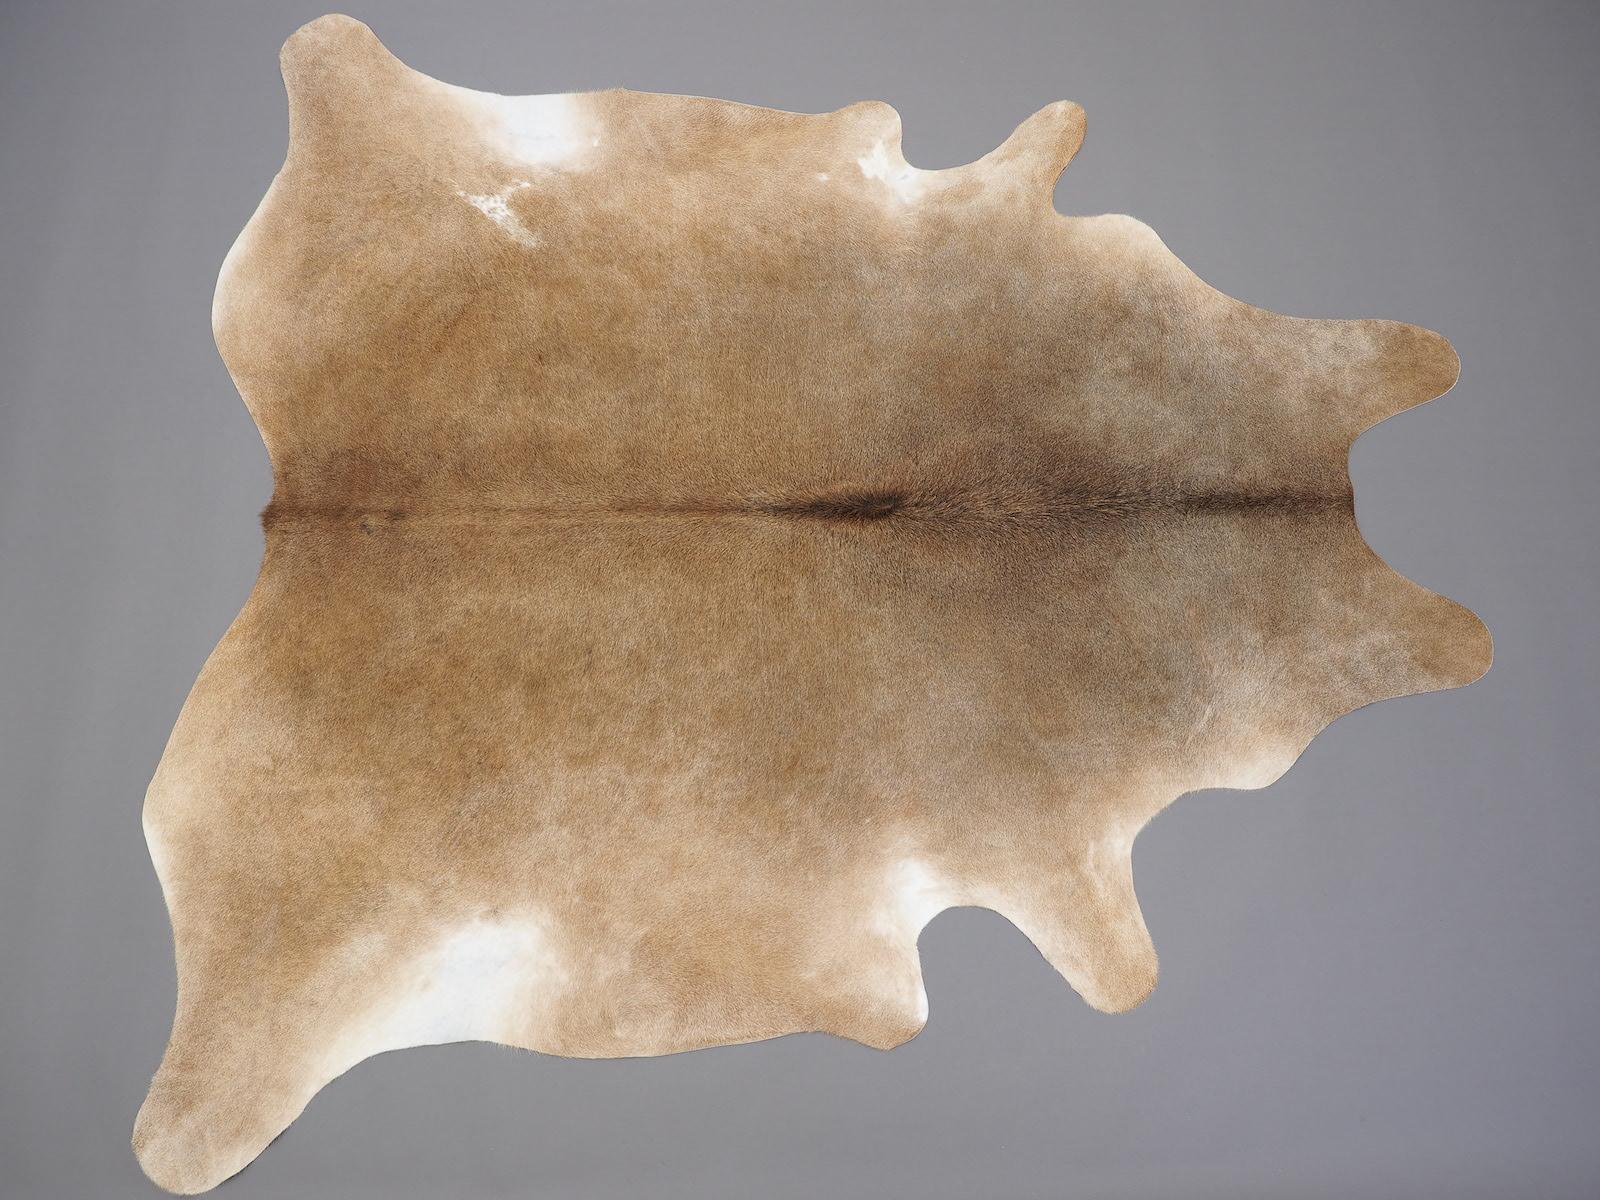 Коровья шкура натуральная серо-бежевая арт.: 24407